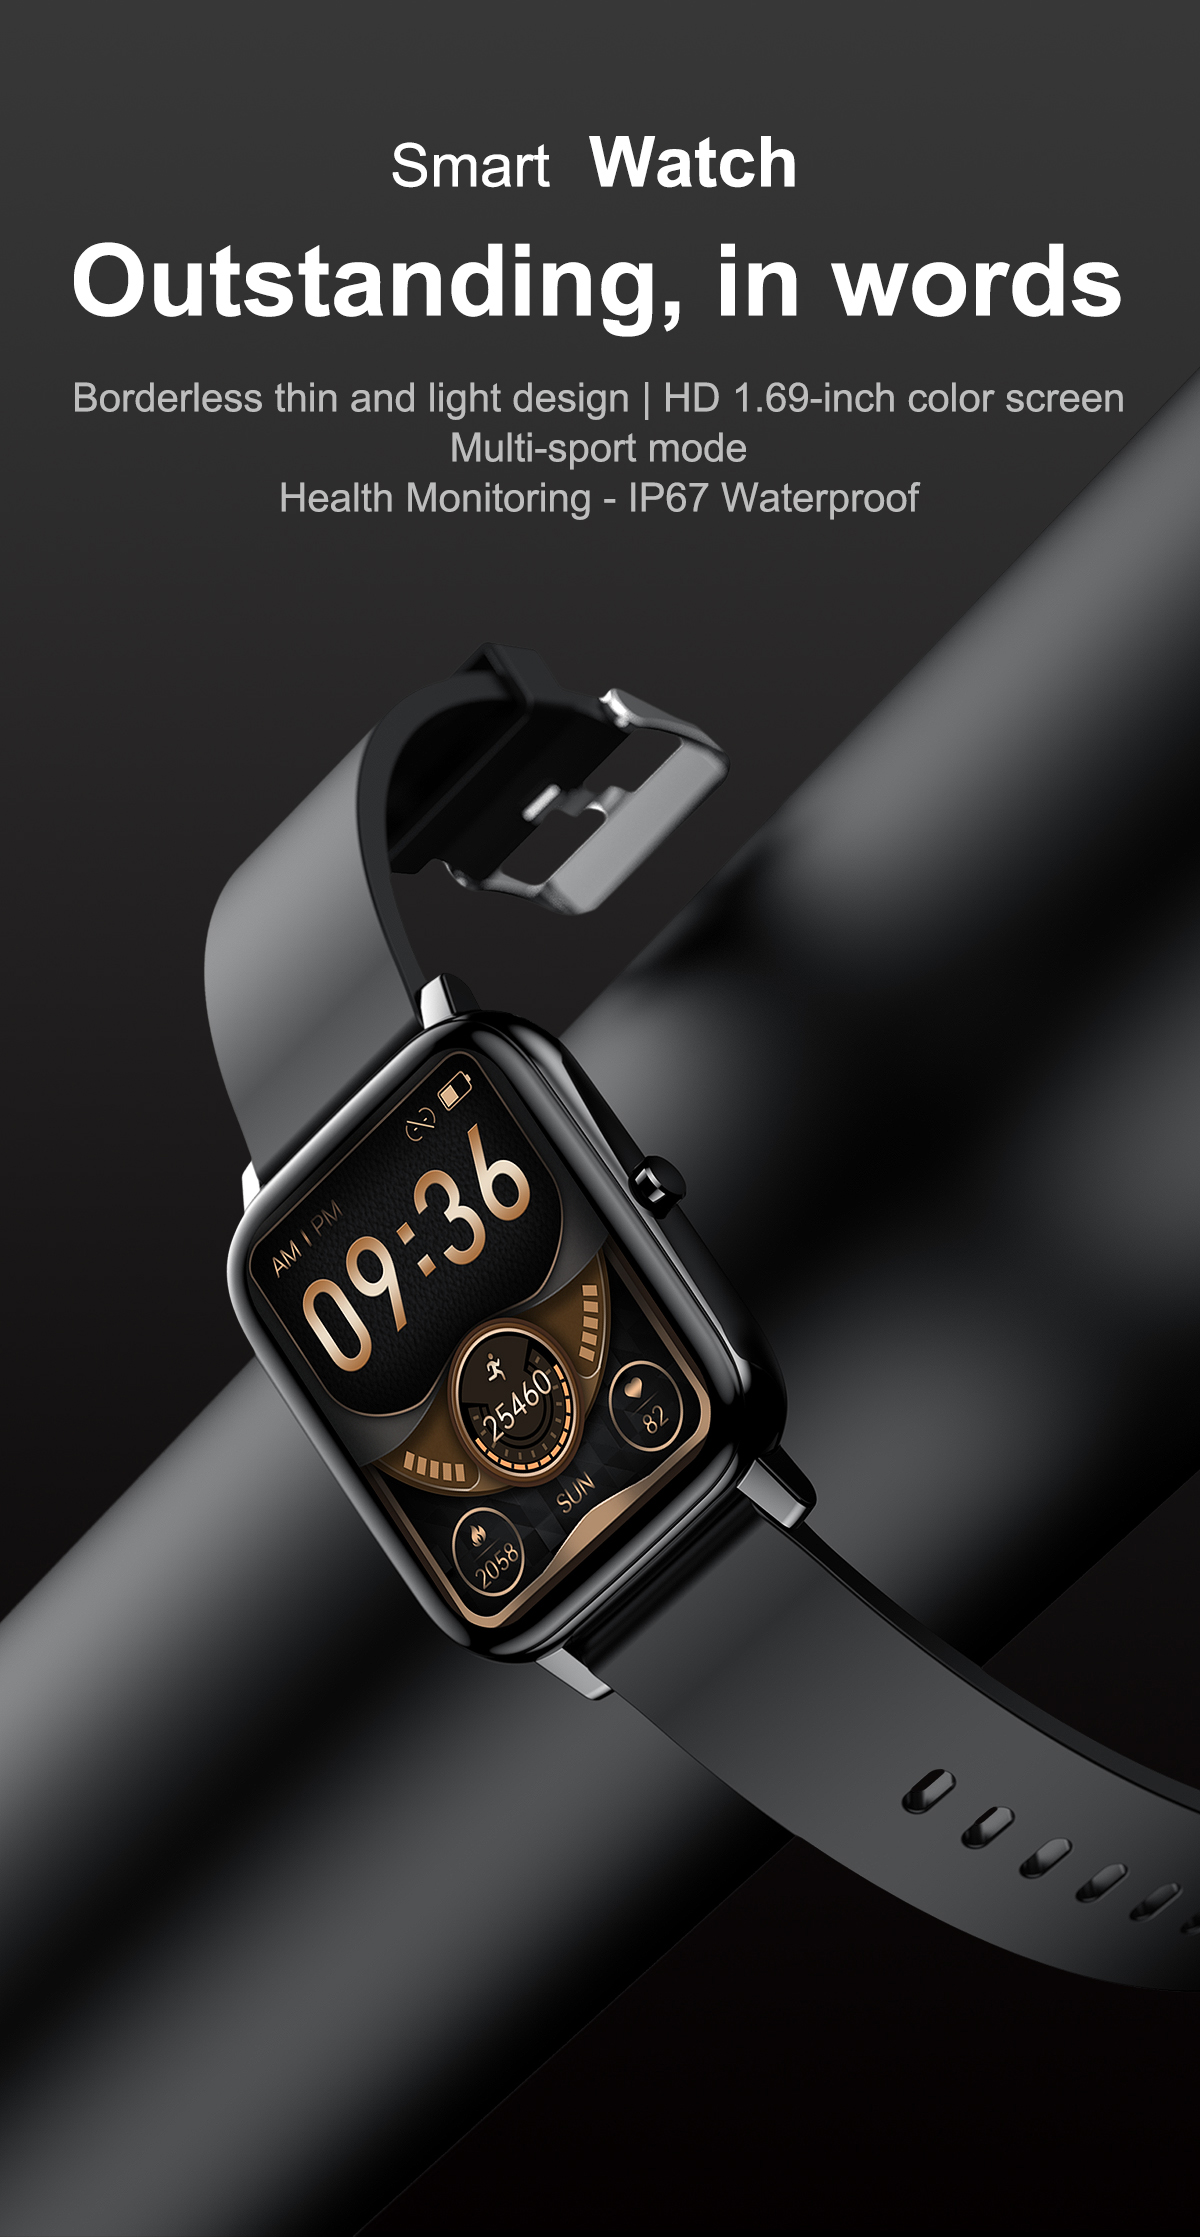 Novo h80 relógio inteligente de monitoramento de